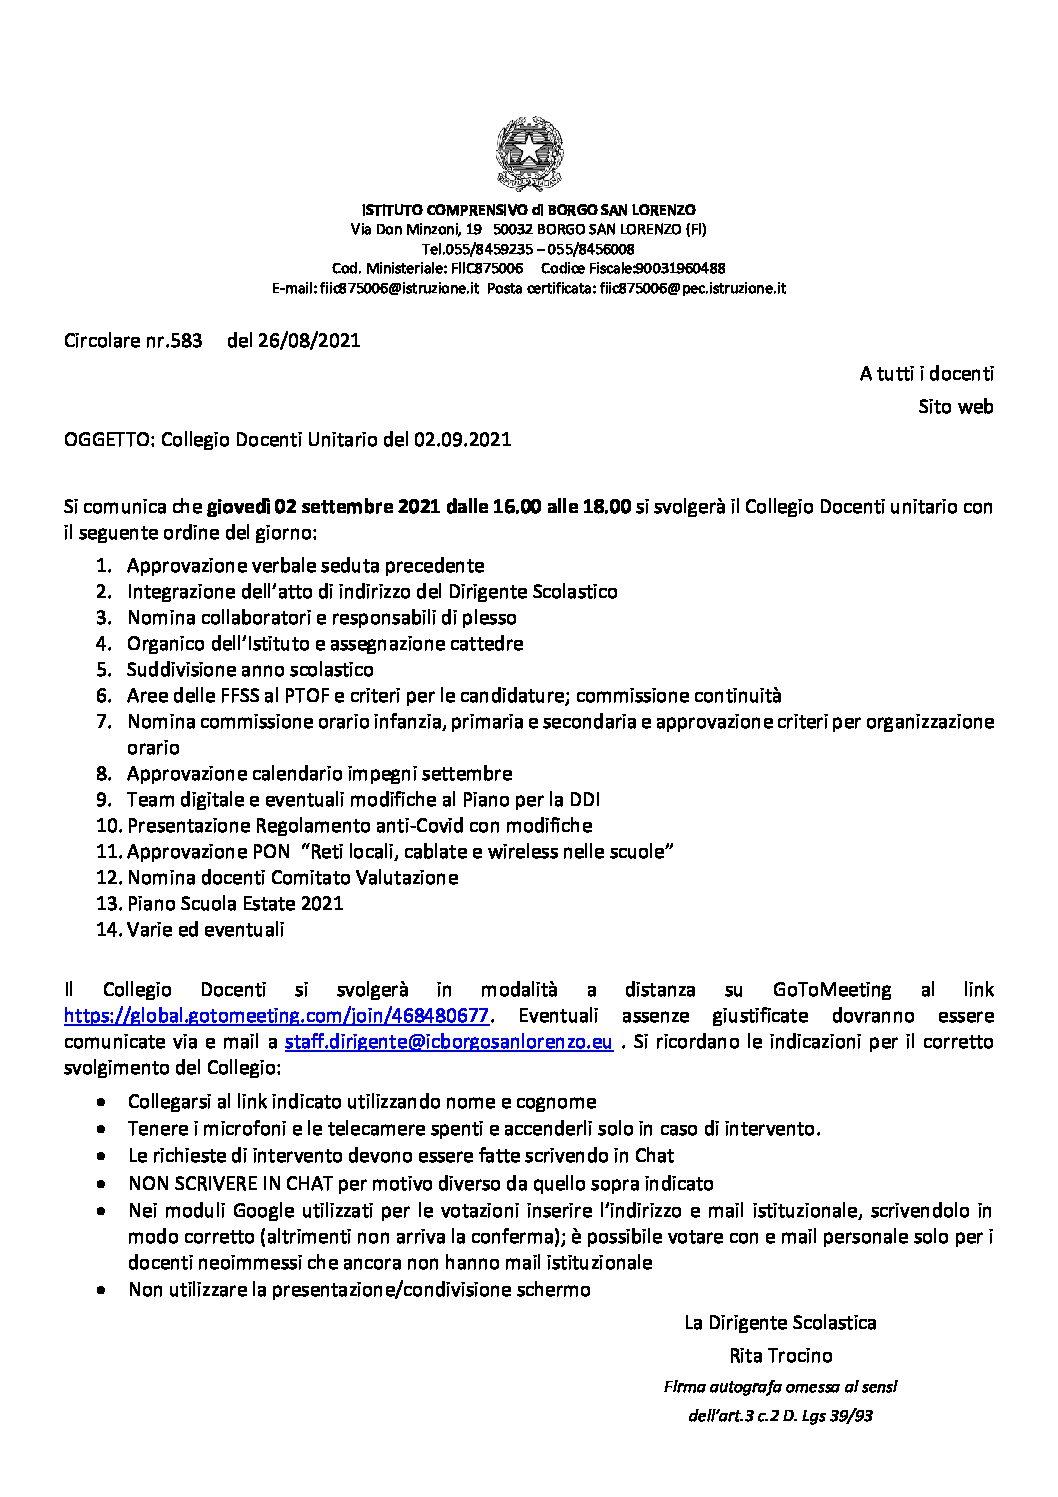 circolare nr. 583 collegio docenti 02/09/2021